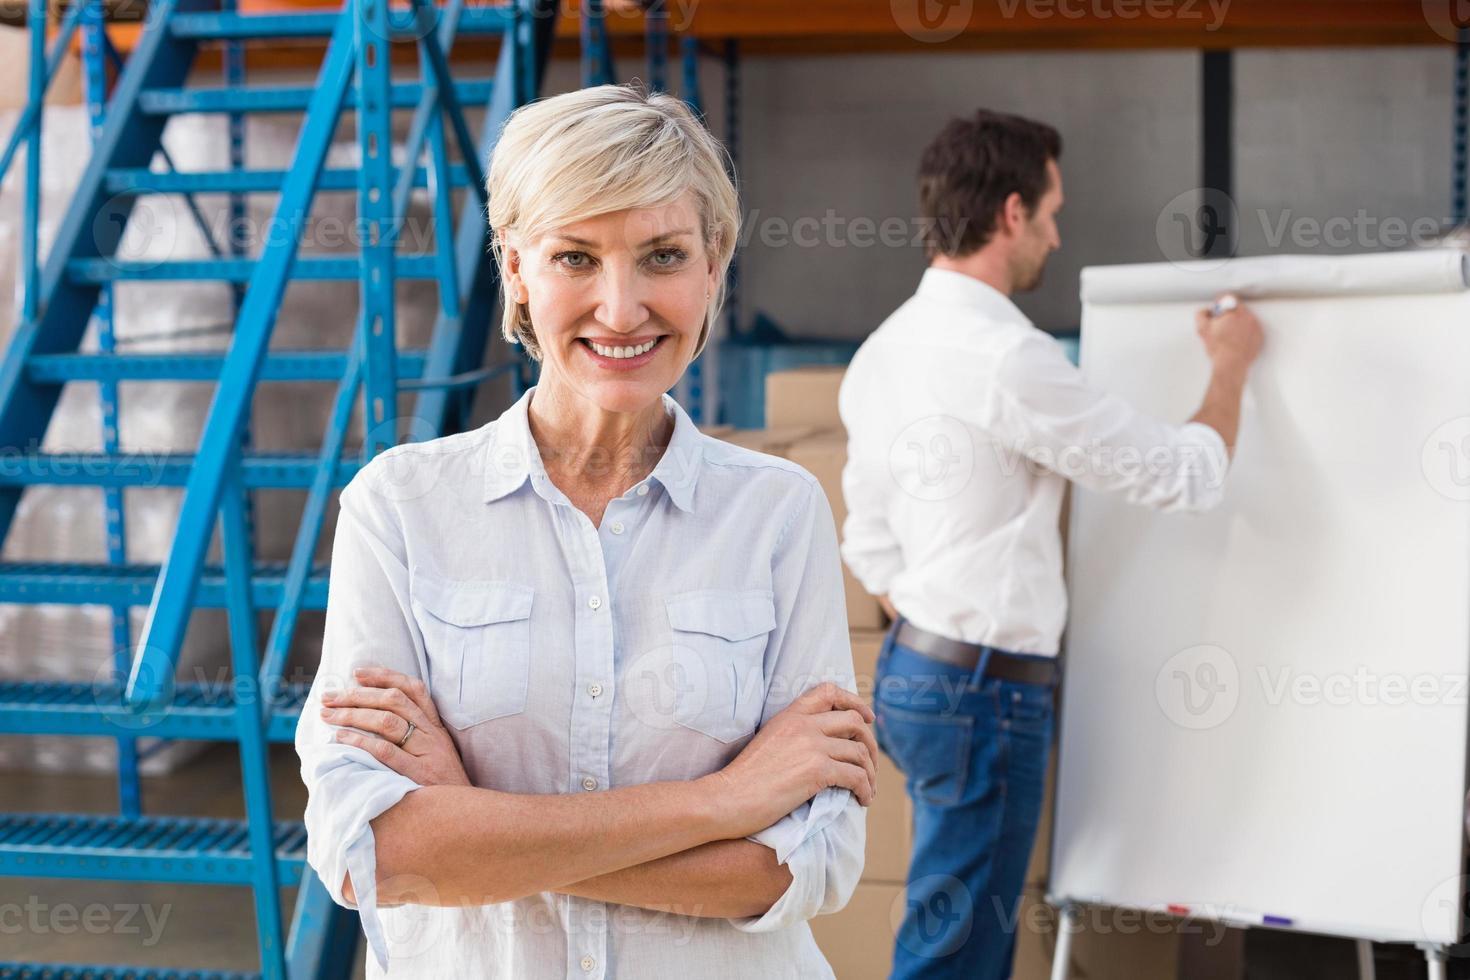 Warehouse manager smiling at camera photo